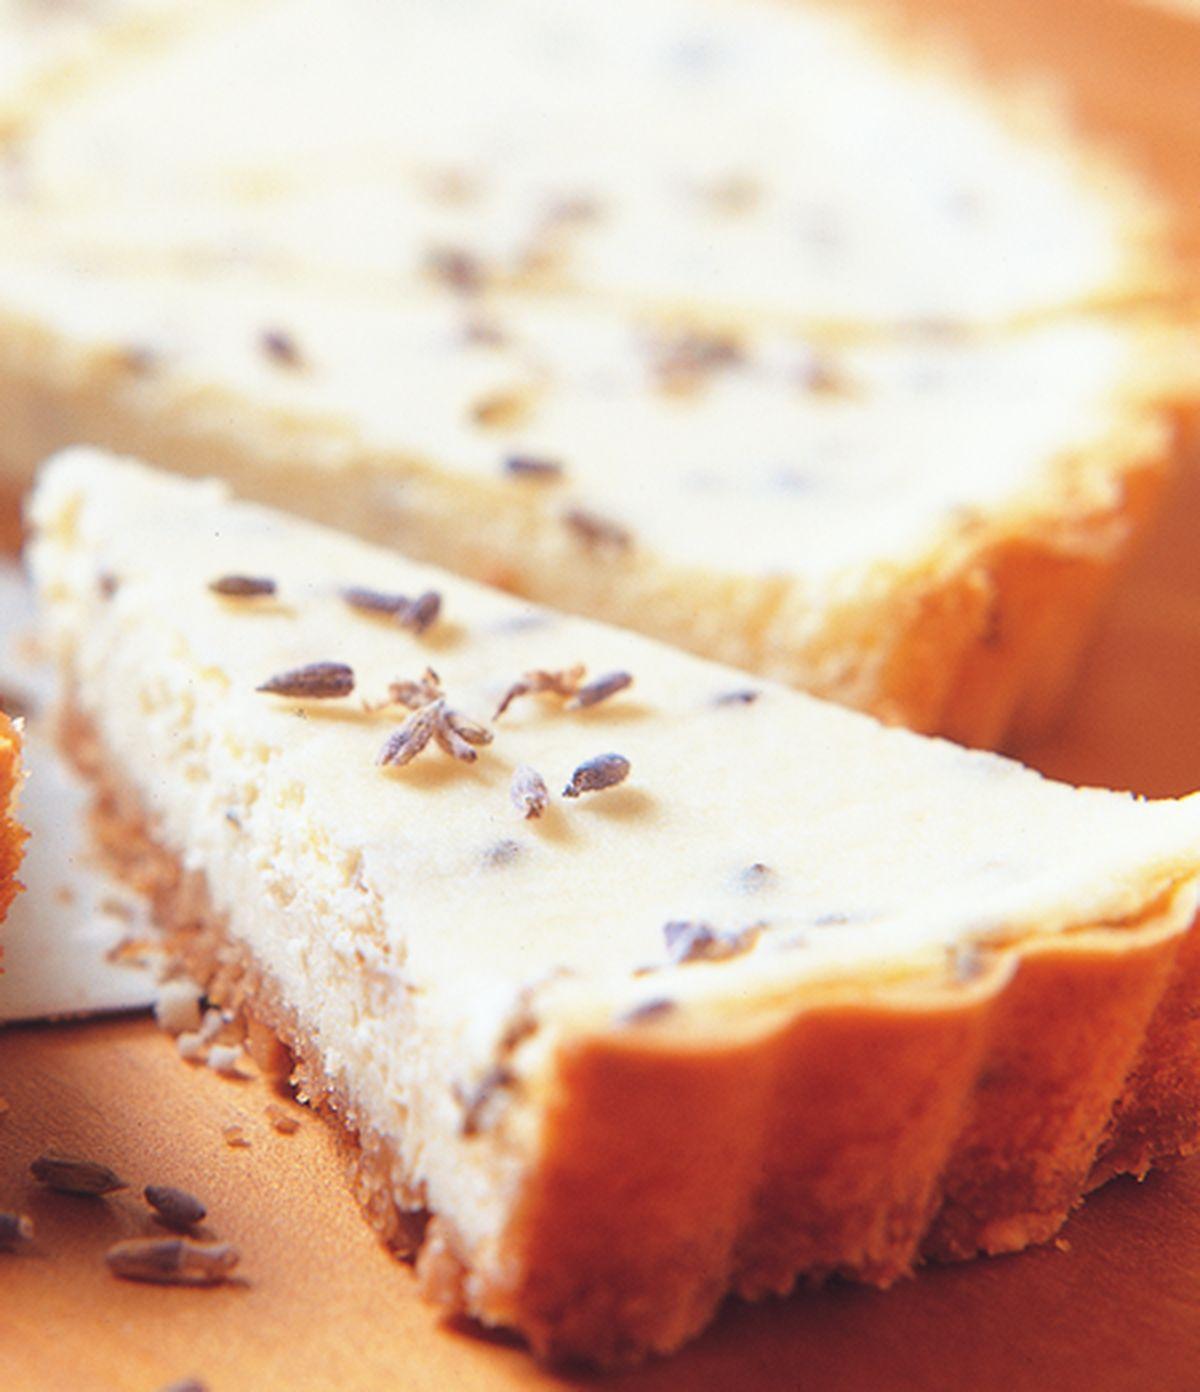 食譜:薰衣草乳酪蛋糕